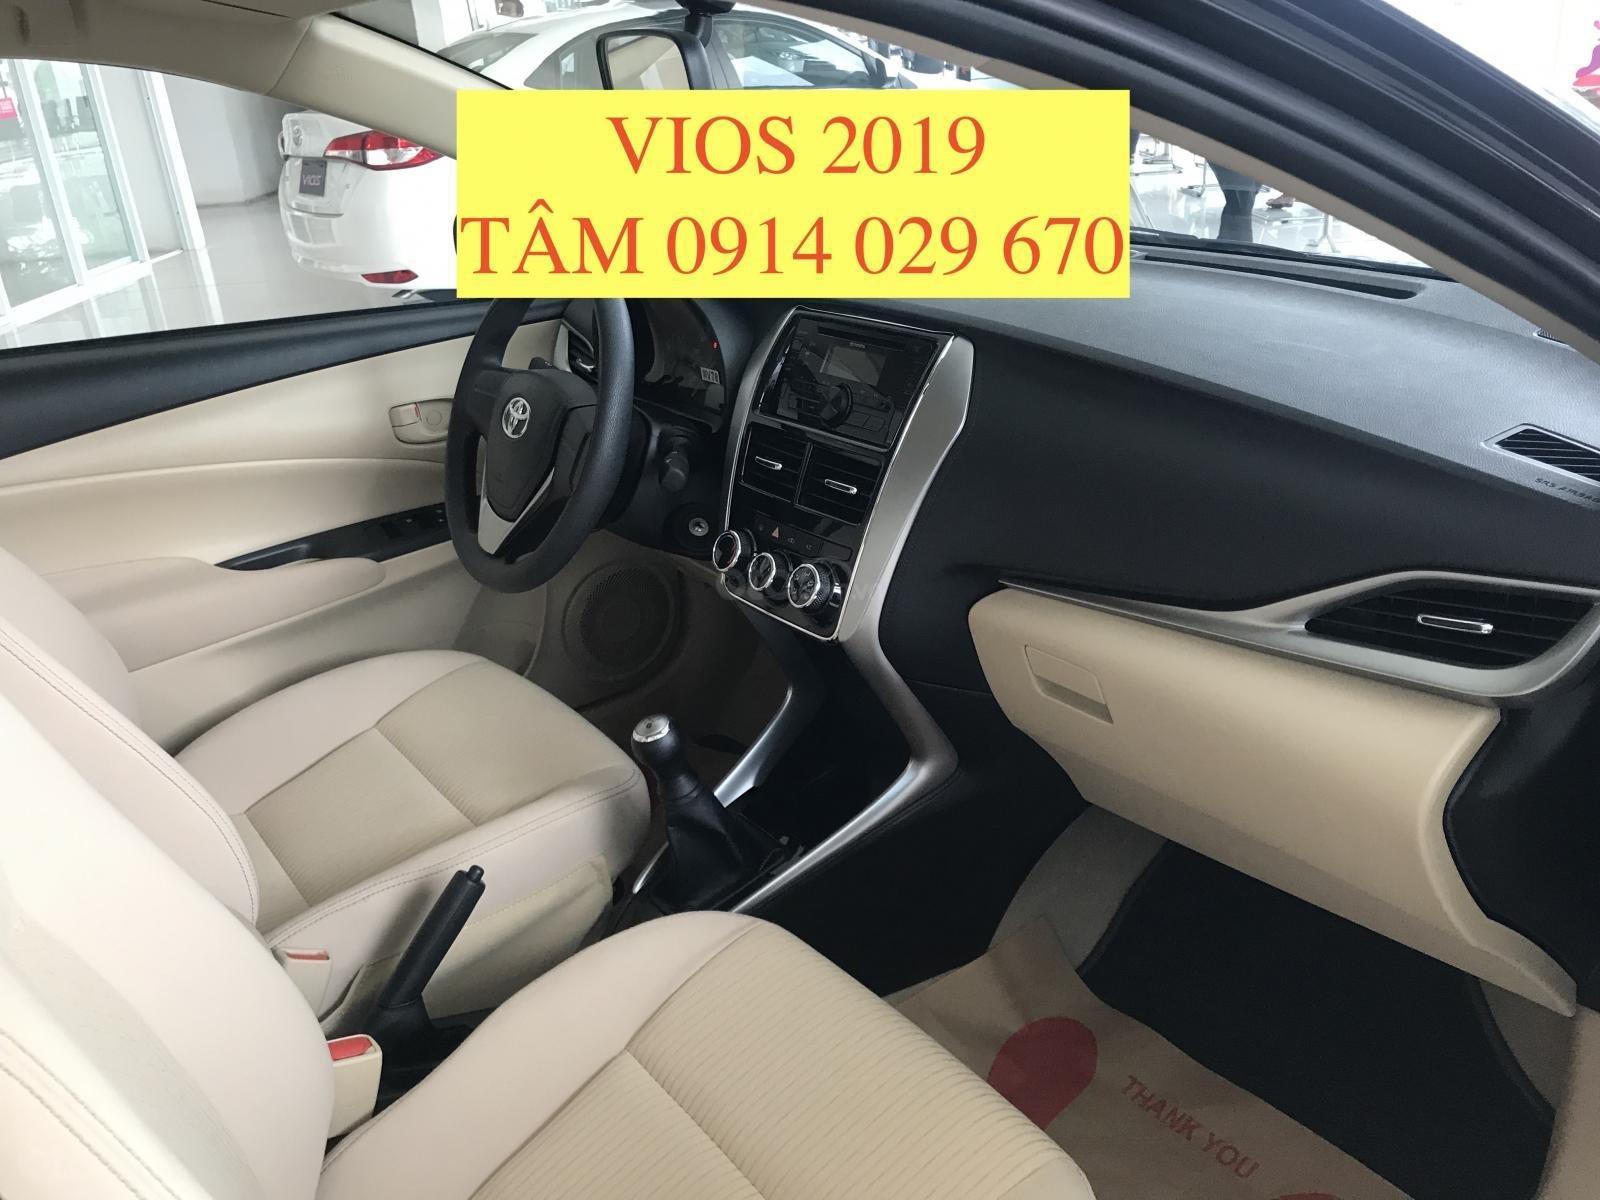 Bán Toyota Vios 2019 giá rẻ nhất thị trường, giao xe ngay, hỗ trợ vay 80% - LH 0914 029 670 (Tâm) (4)